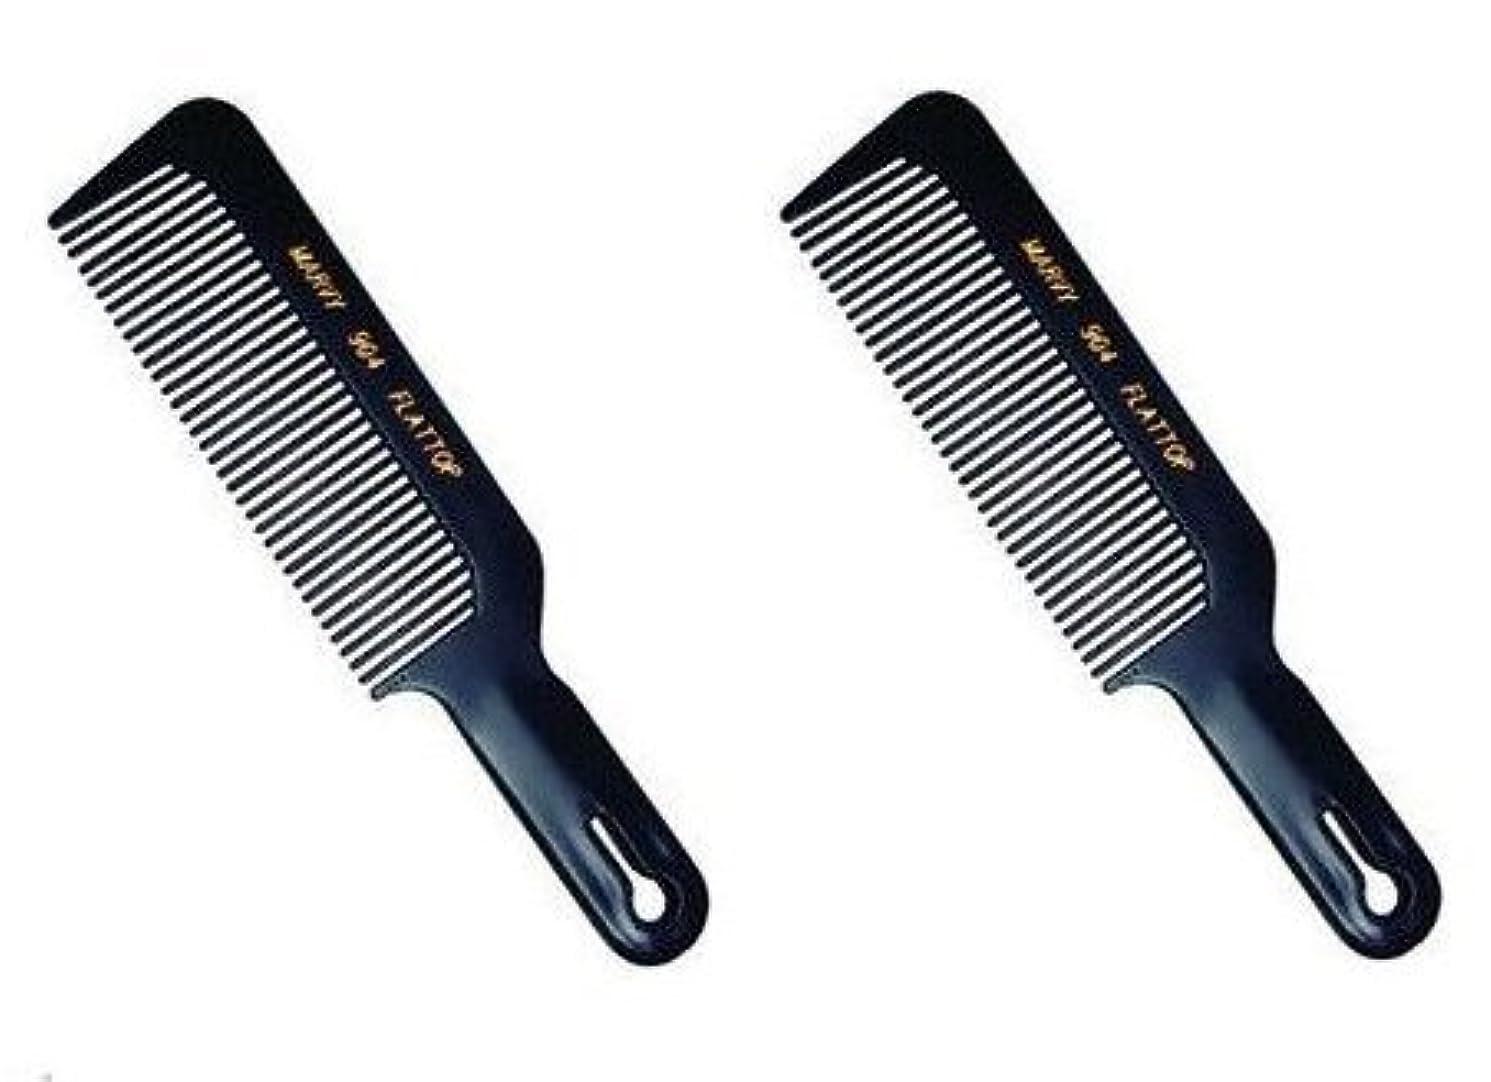 レプリカ栄光の改革Marvy Flat Top Comb #904 (2-pack) [並行輸入品]